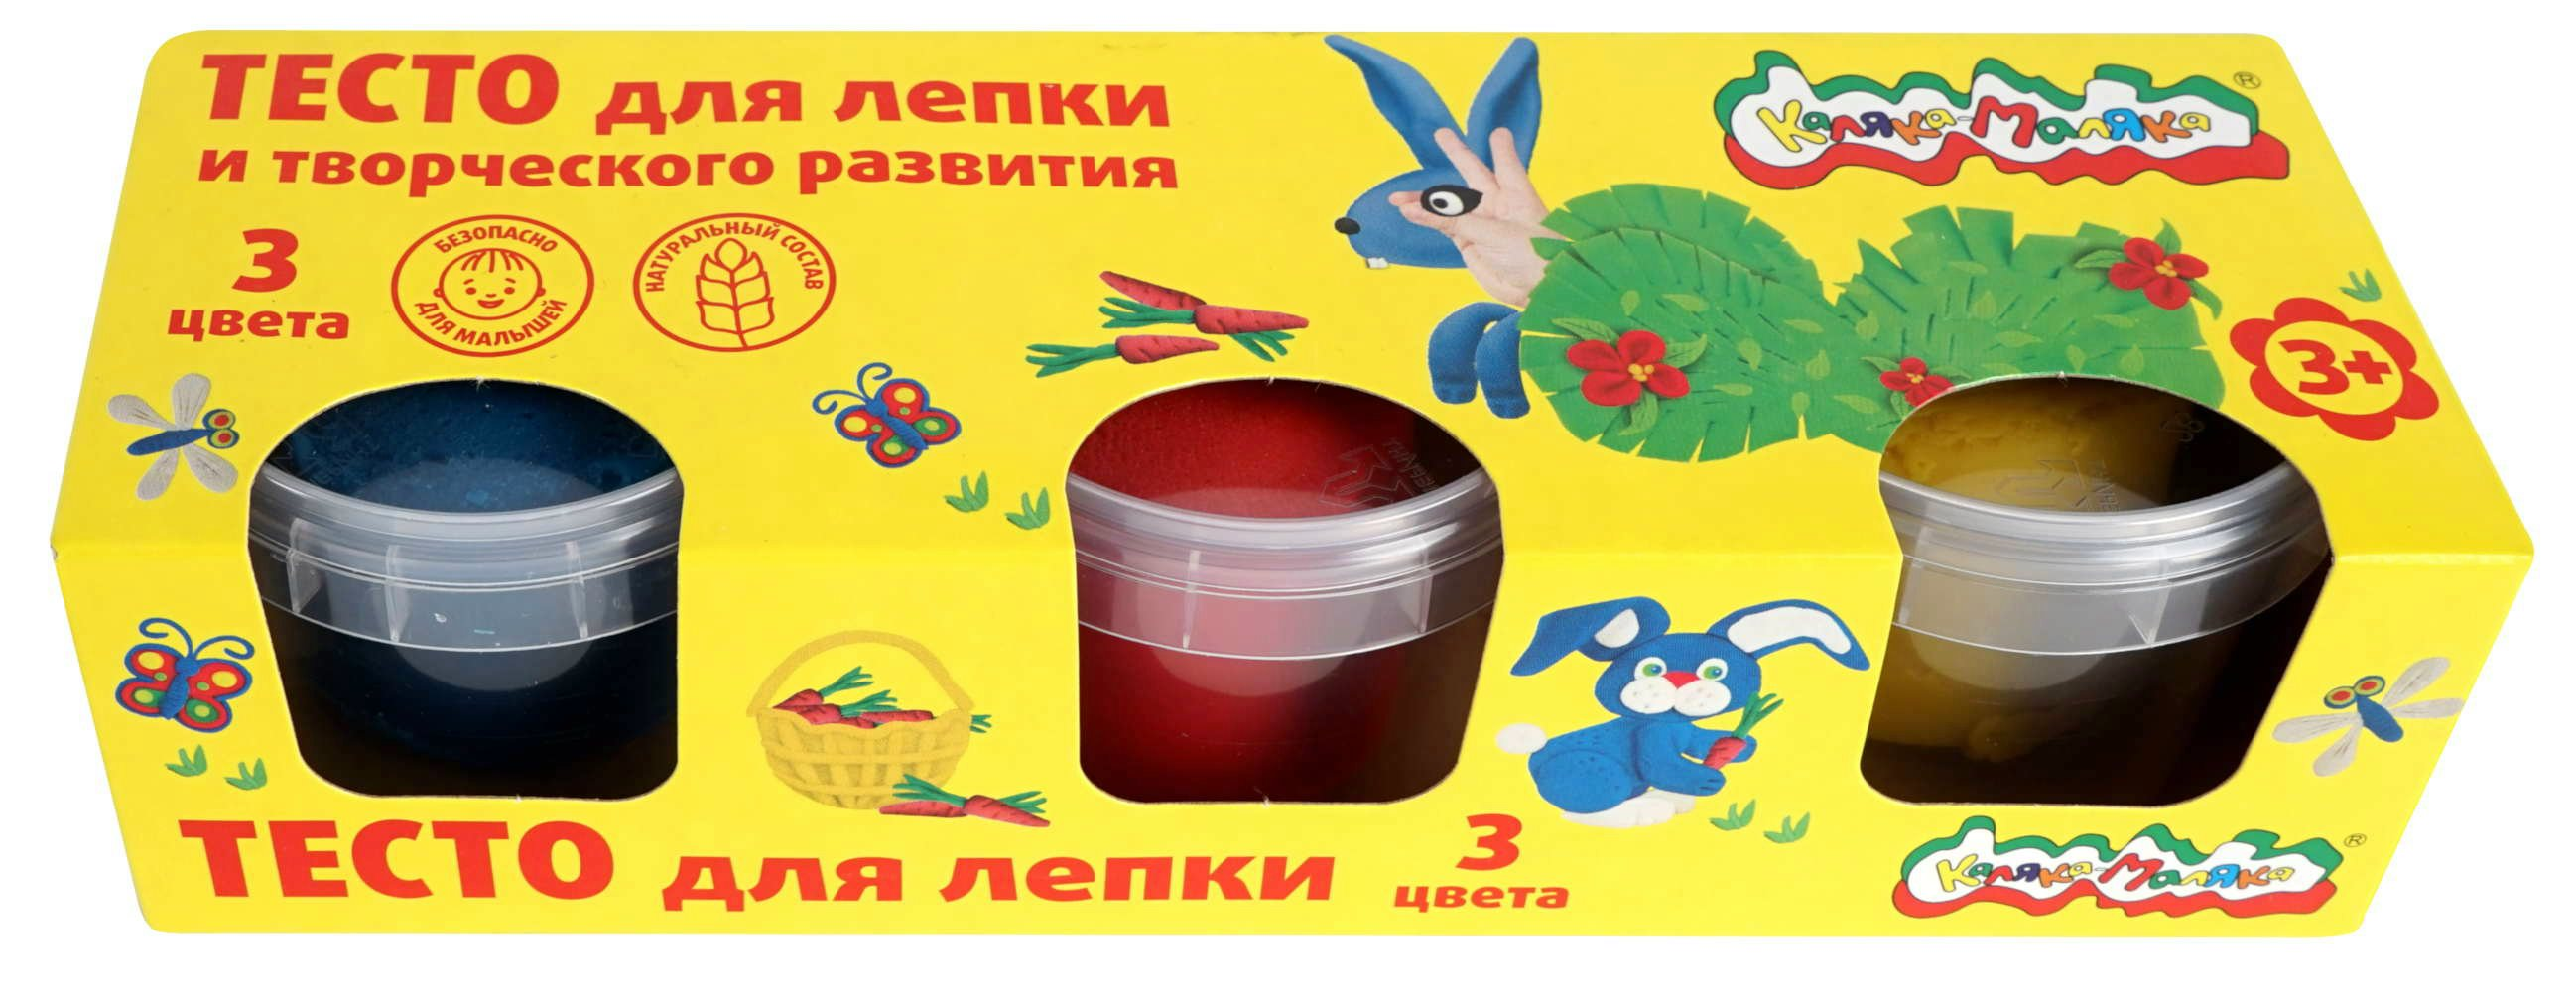 Тесто для лепки Каляка Маляка, 3 цвета (красный, желтый, синий) по 90 гр в банке. В коробке канцелярия каляка маляка тесто для лепки каляка маляка 5 цветов